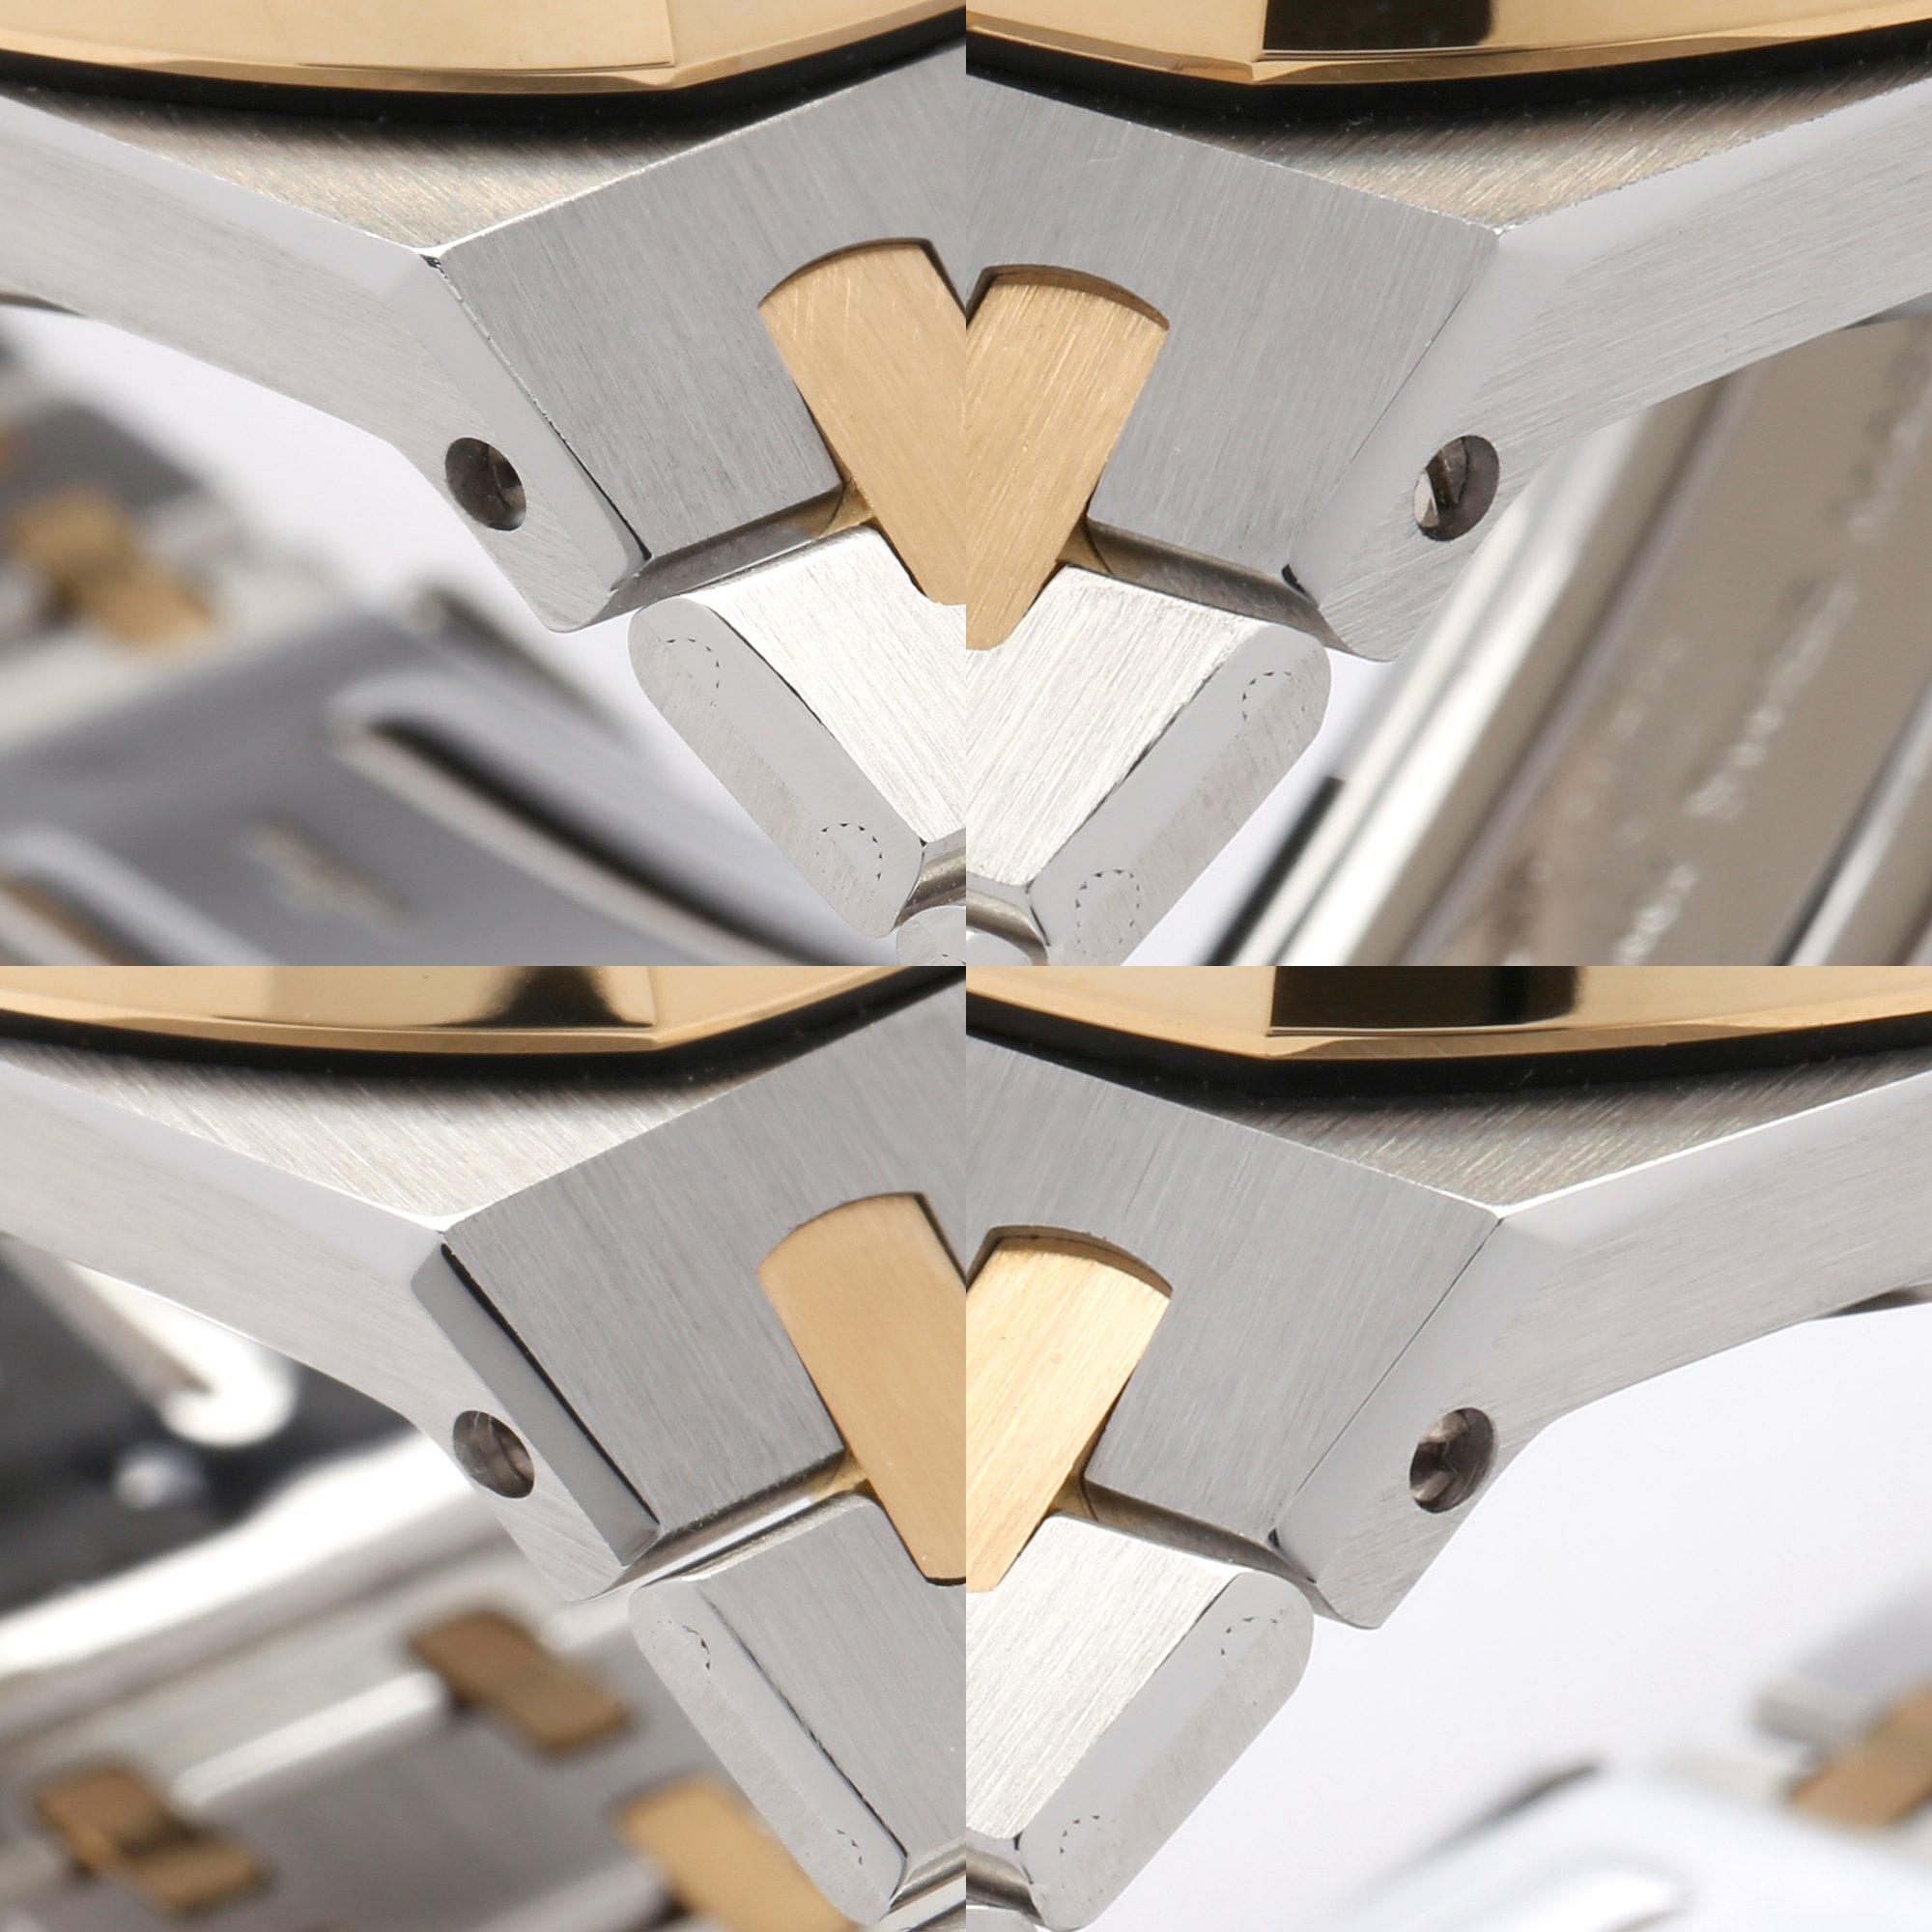 Audemars Piguet Royal Oak 18K Yellow Gold & Stainless Steel 4100